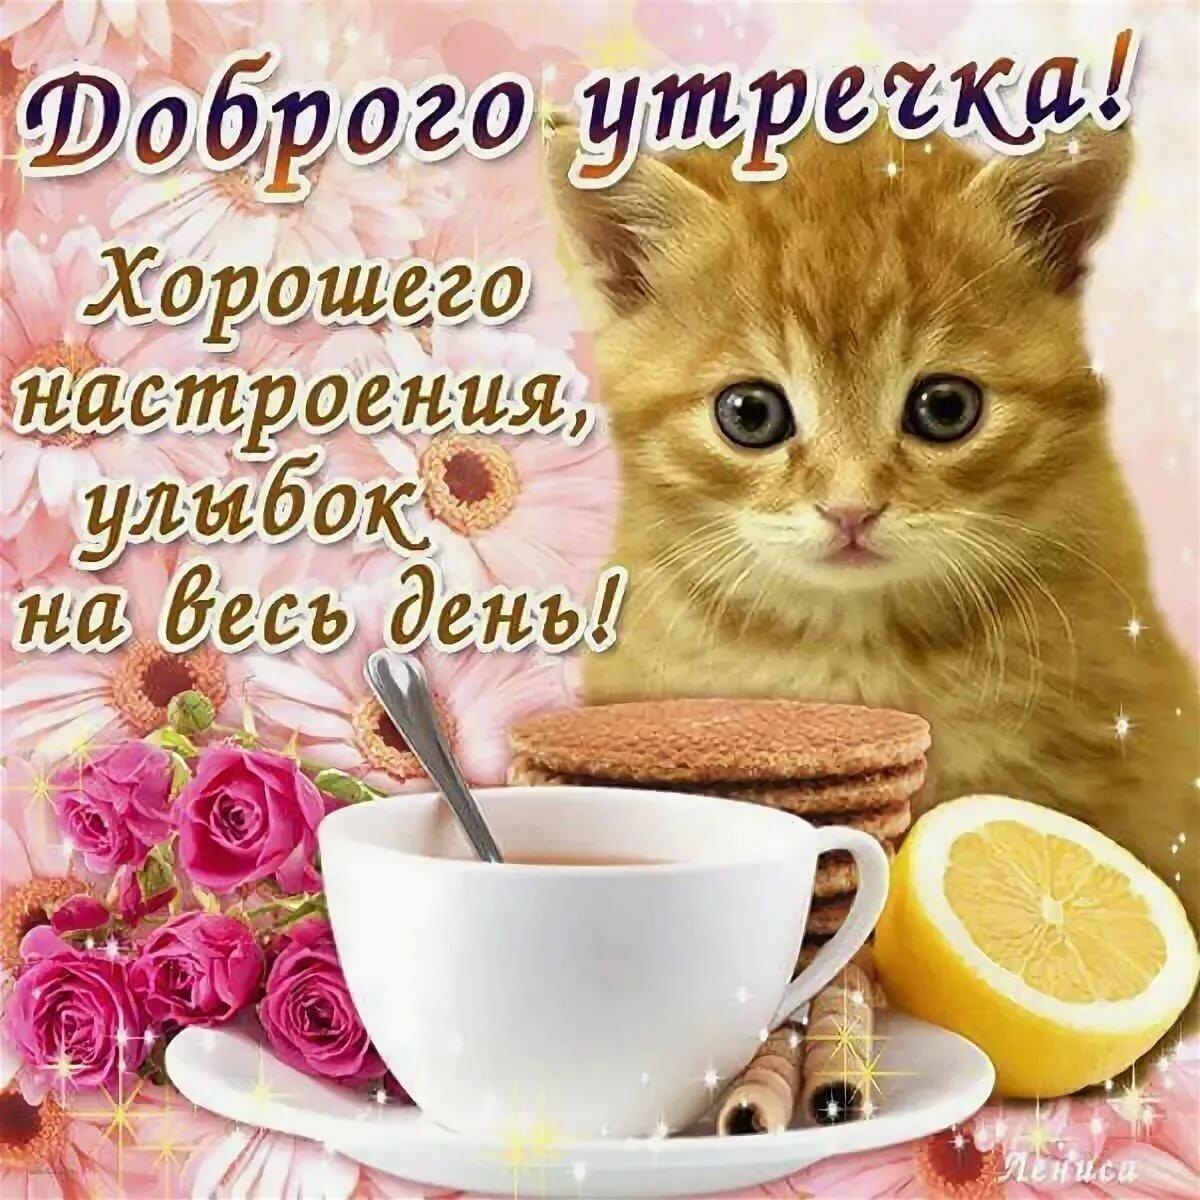 Веселые открытки с пожеланием доброго утра и дня